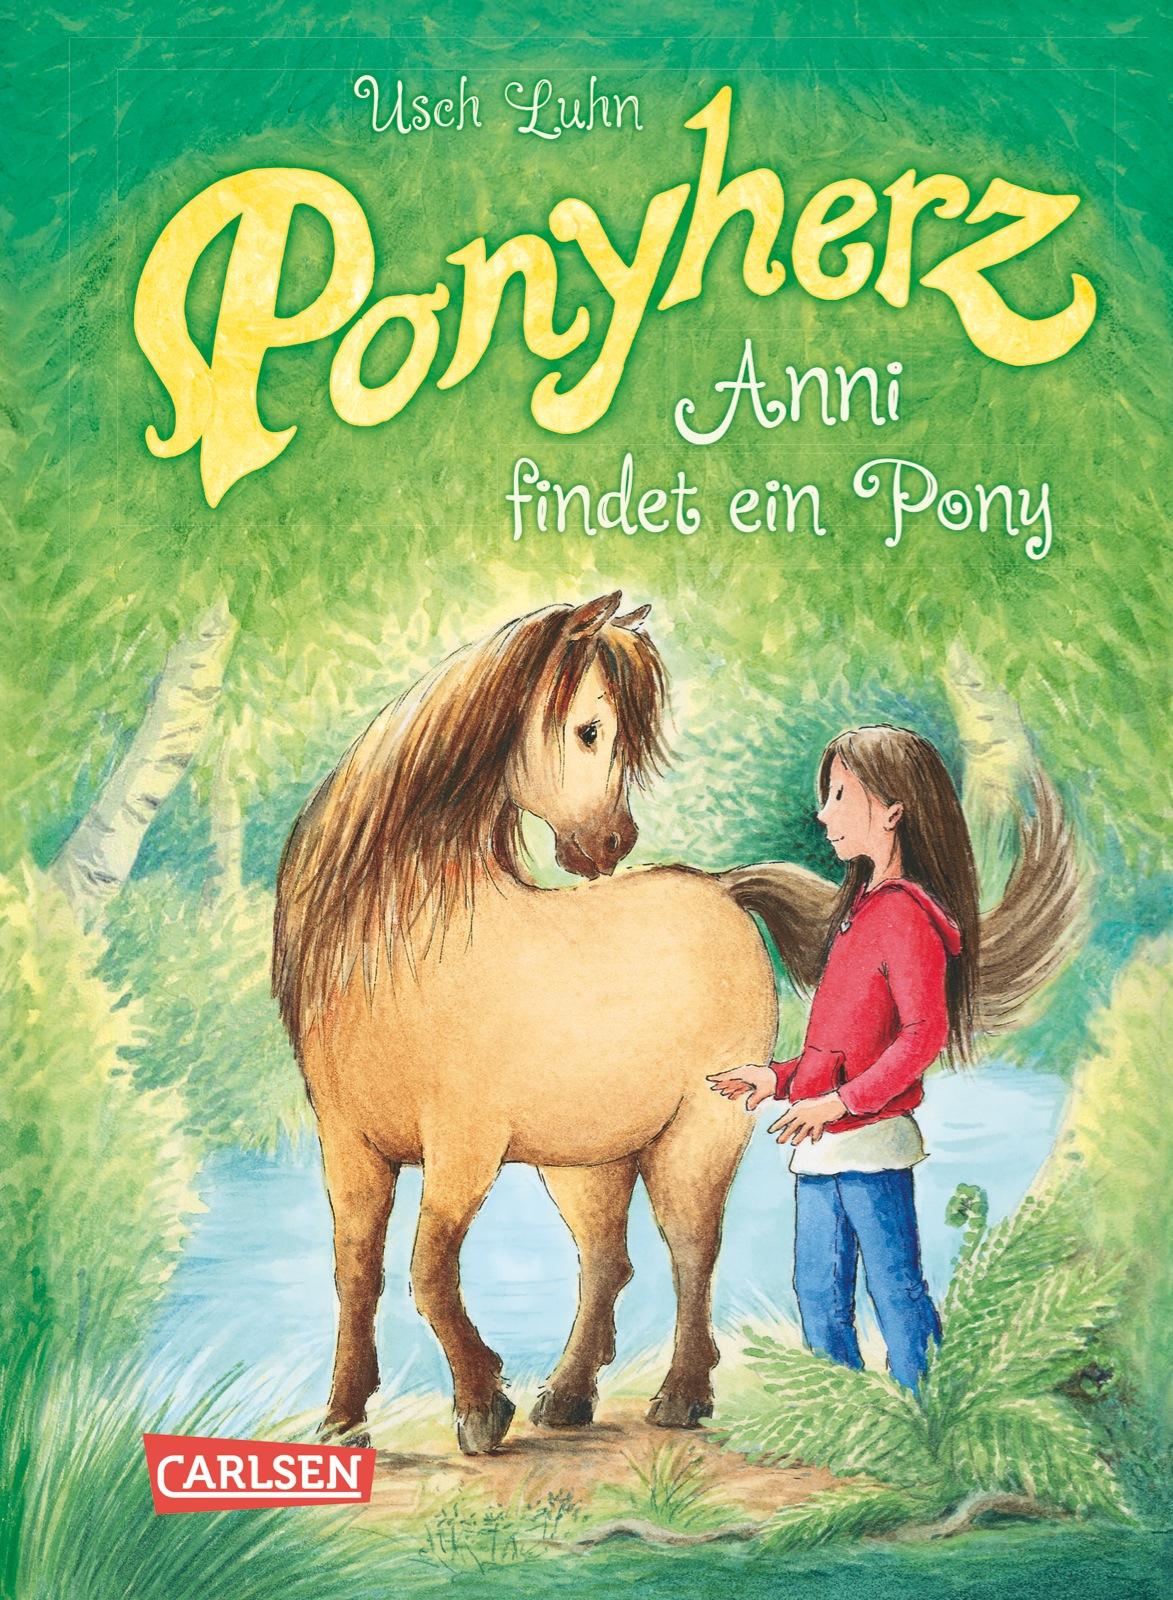 Ponyherz: Band 1 - Anni findet ein Pony - Usch Luhn